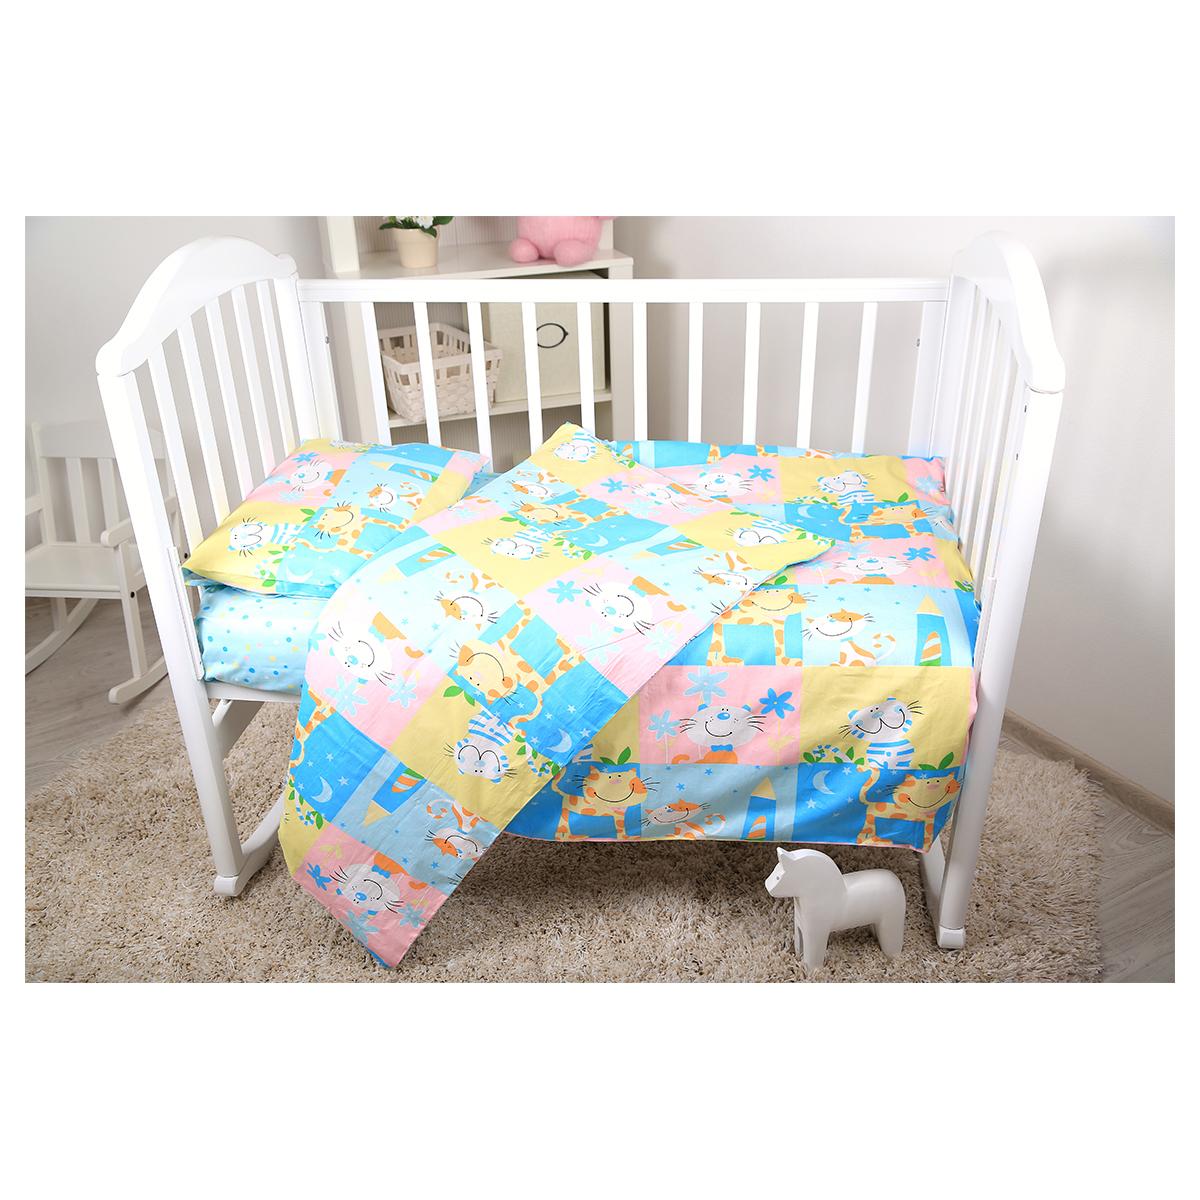 Baby Nice Комплект белья для новорожденных Веселые котята цвет голубой4630008876725Комплект белья для новорожденных Baby Nice Веселые котята - нежный сатин делает детское постельное белье мягкими и шелковистыми. Красивое детское постельное белье помогает детям заснуть: они с удовольствием ложатся в кроватку и просыпаются в хорошем настроении. Этому способствуют и замечательные характеристики сатина: гипоаллергенность, отличный влаго- и теплообмен.